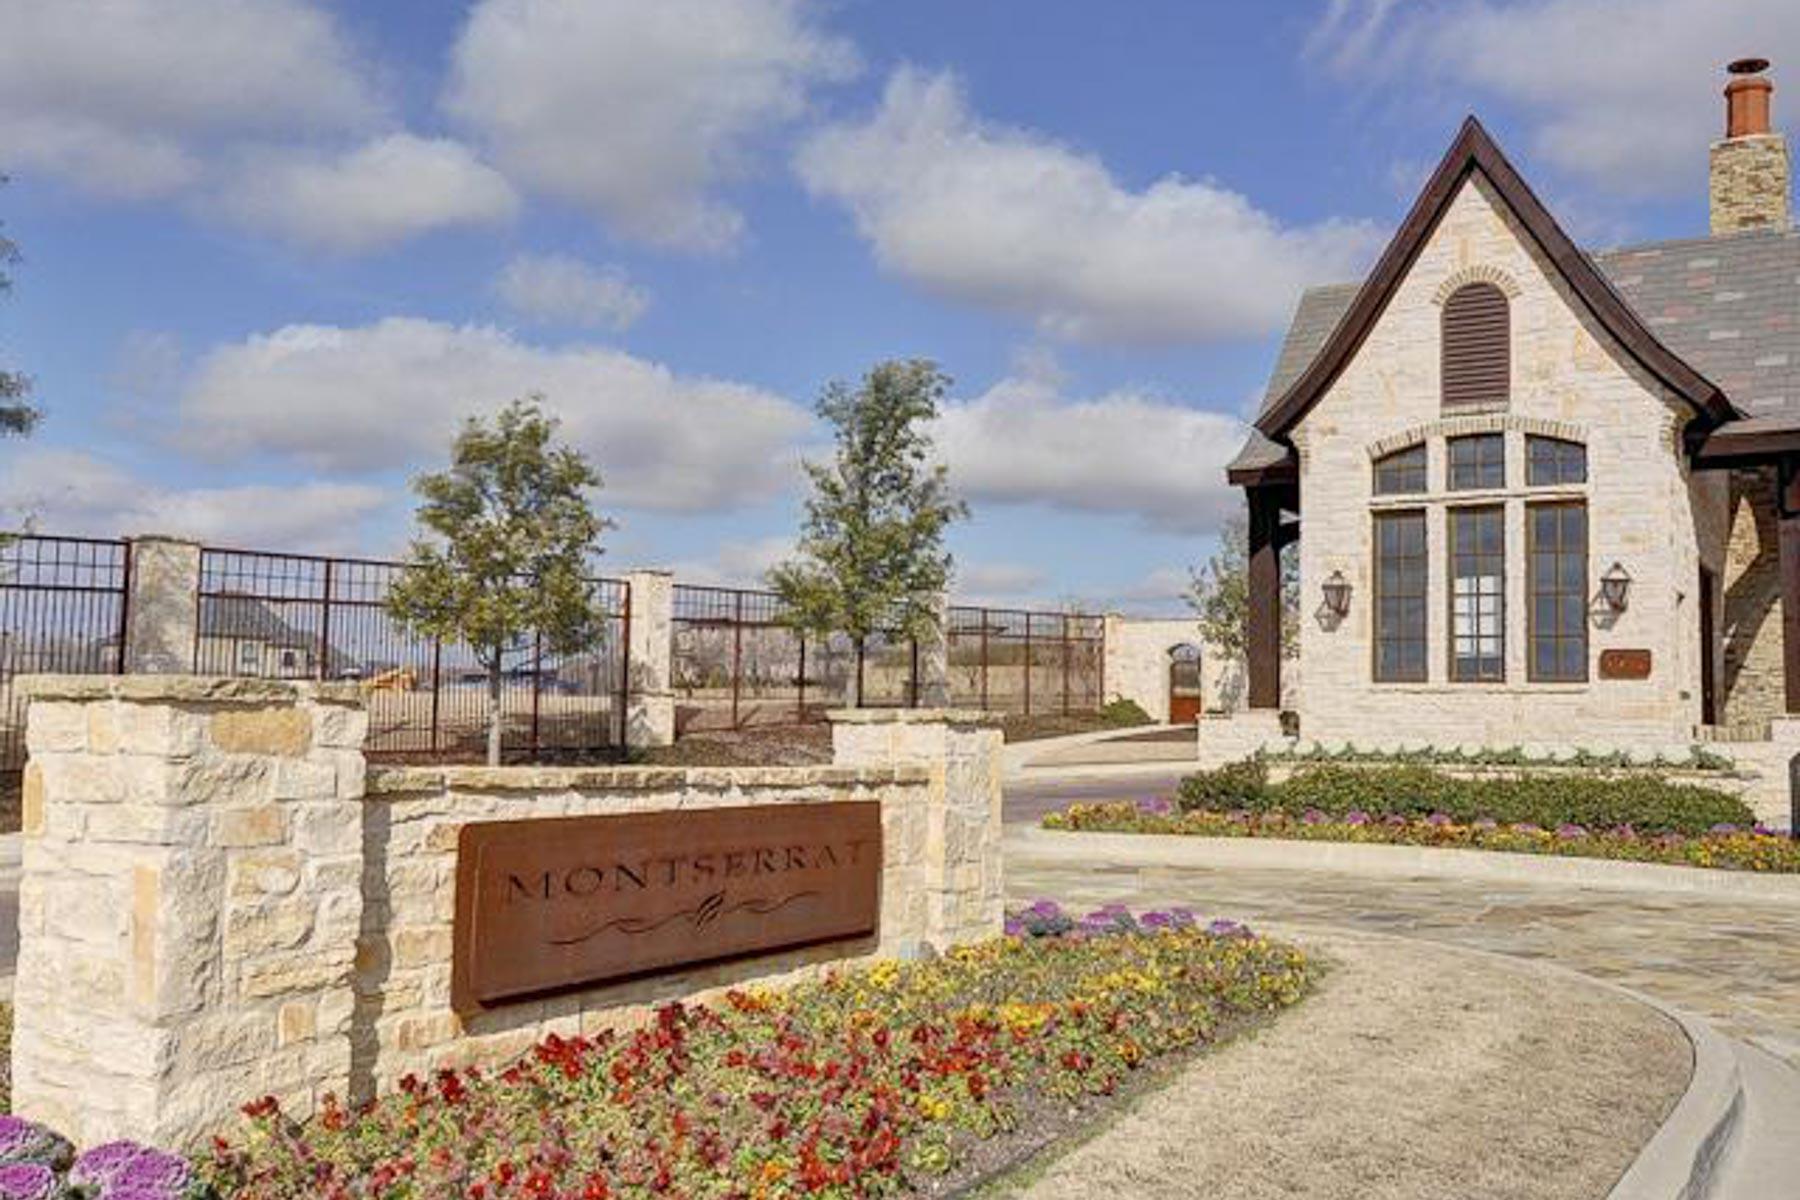 Land für Verkauf beim Montserrat, Build your dream home 9417 Sagrada Park Fort Worth, Texas, 76126 Vereinigte Staaten